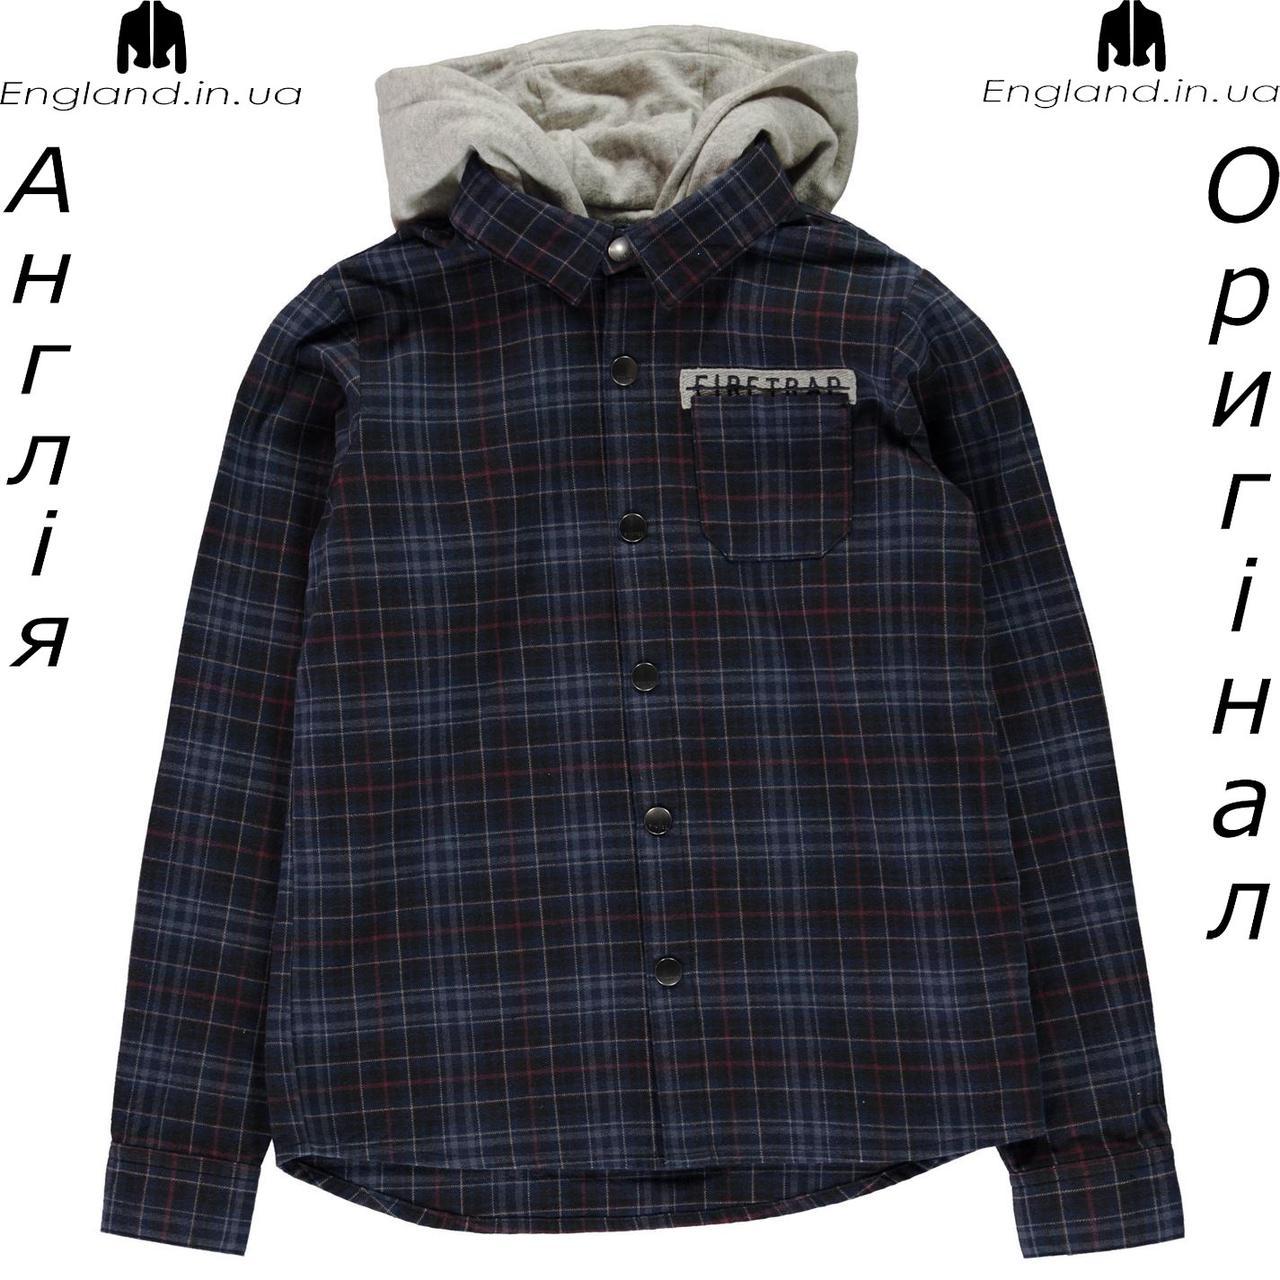 Рубашка Firetrap из Англии для мальчиков 2-14 лет - с капюшоном легкая